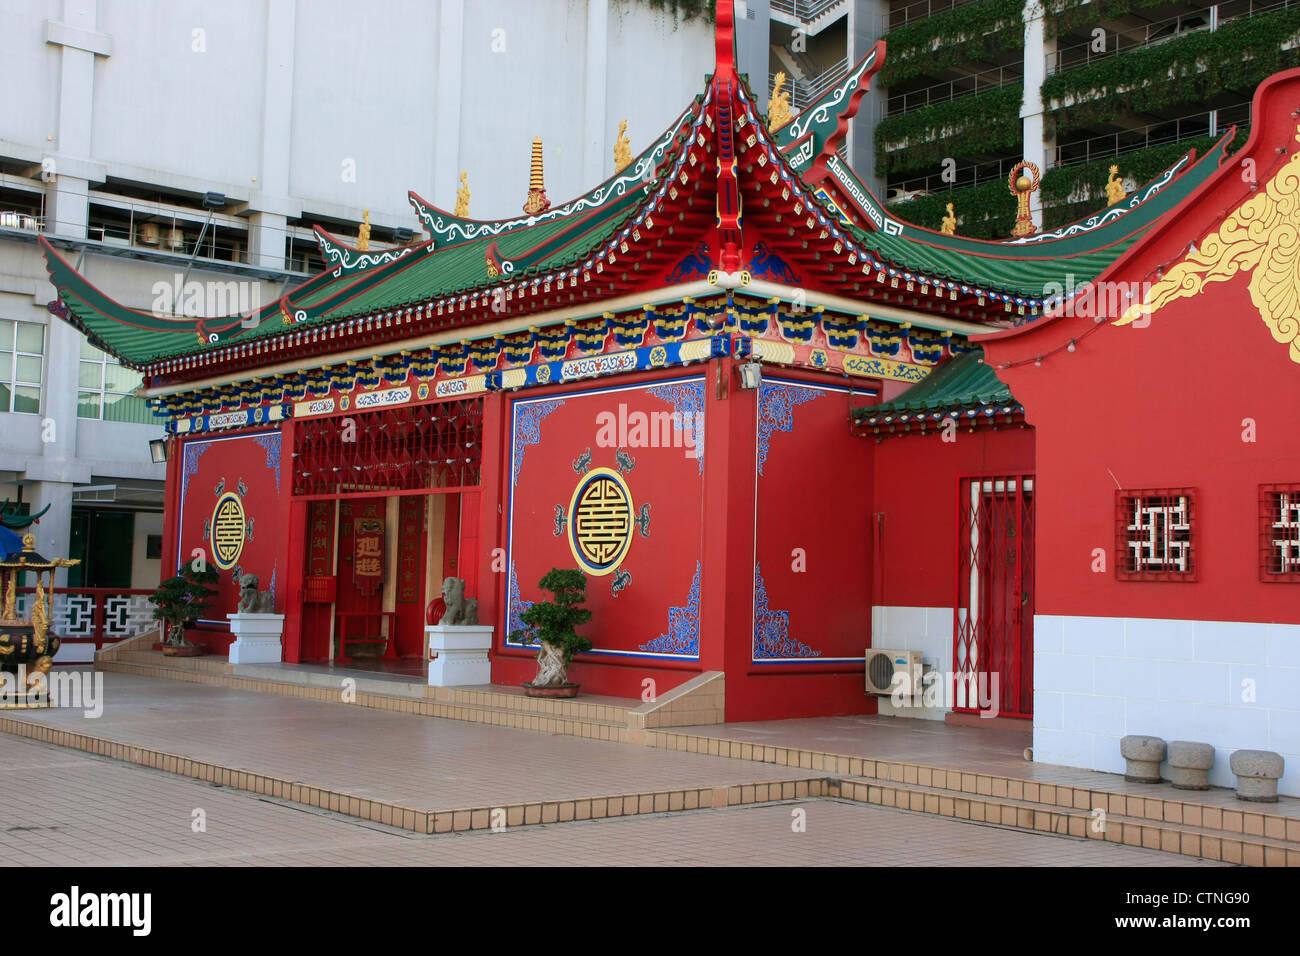 Chinese buddhist temple, Bandar Seri Begawan, Brunei, Southeast Asia - Stock Image